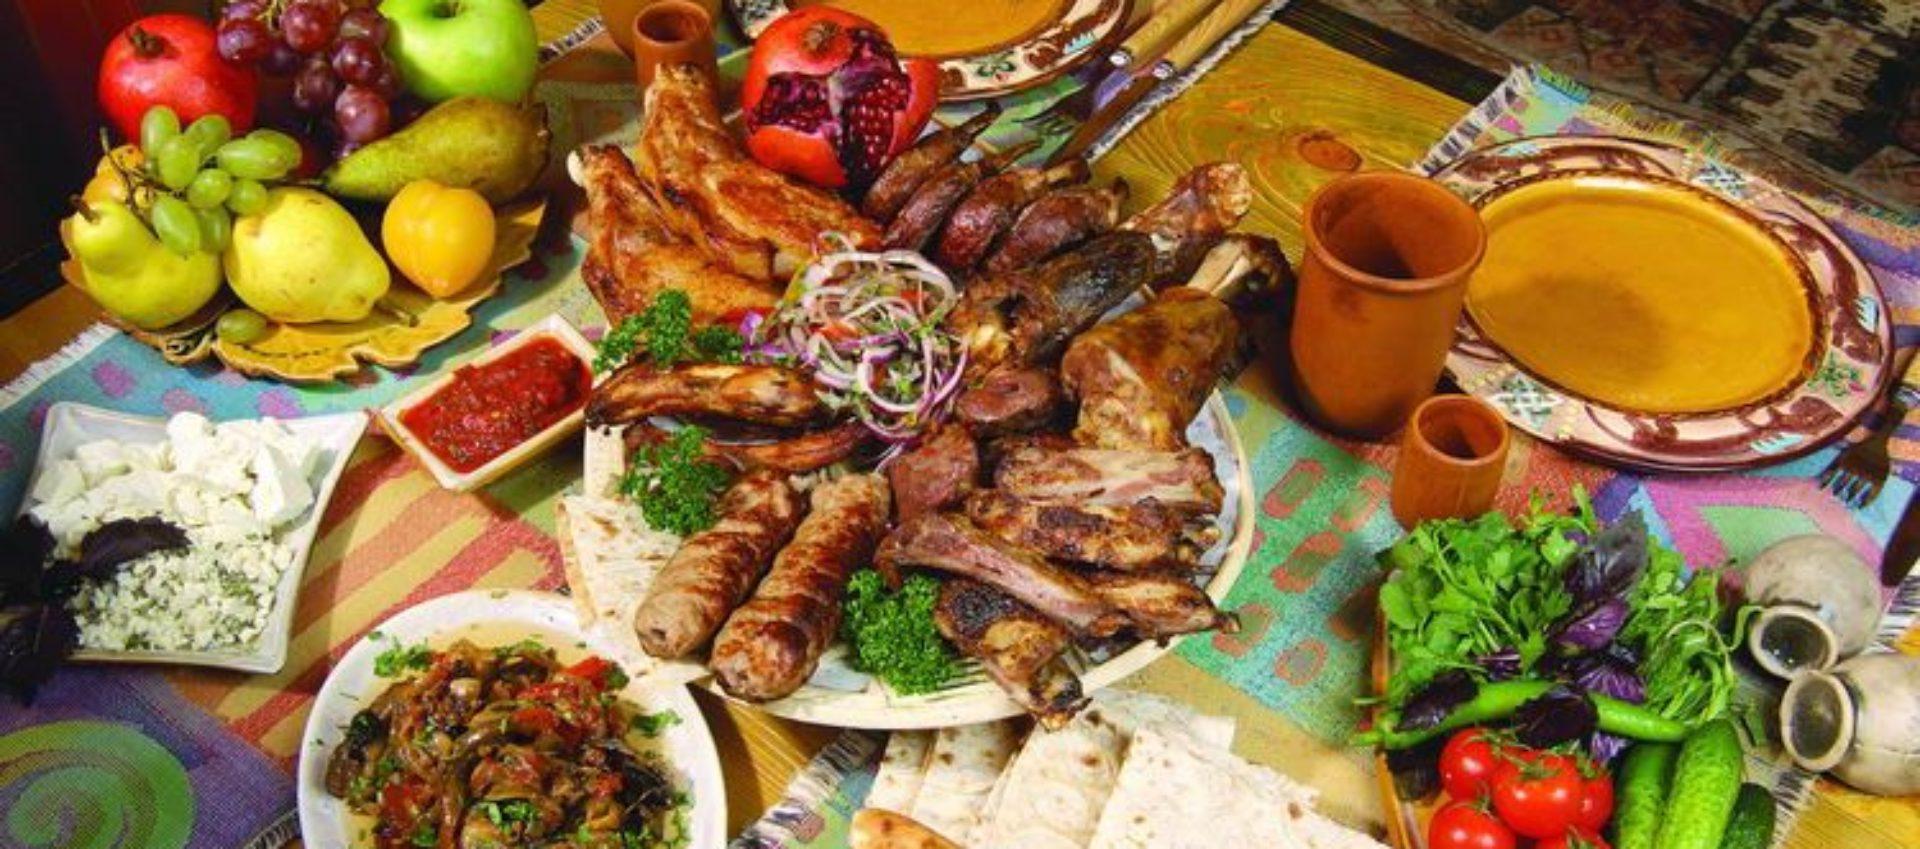 Αρμένικες Παραδοσιακές Συνταγές